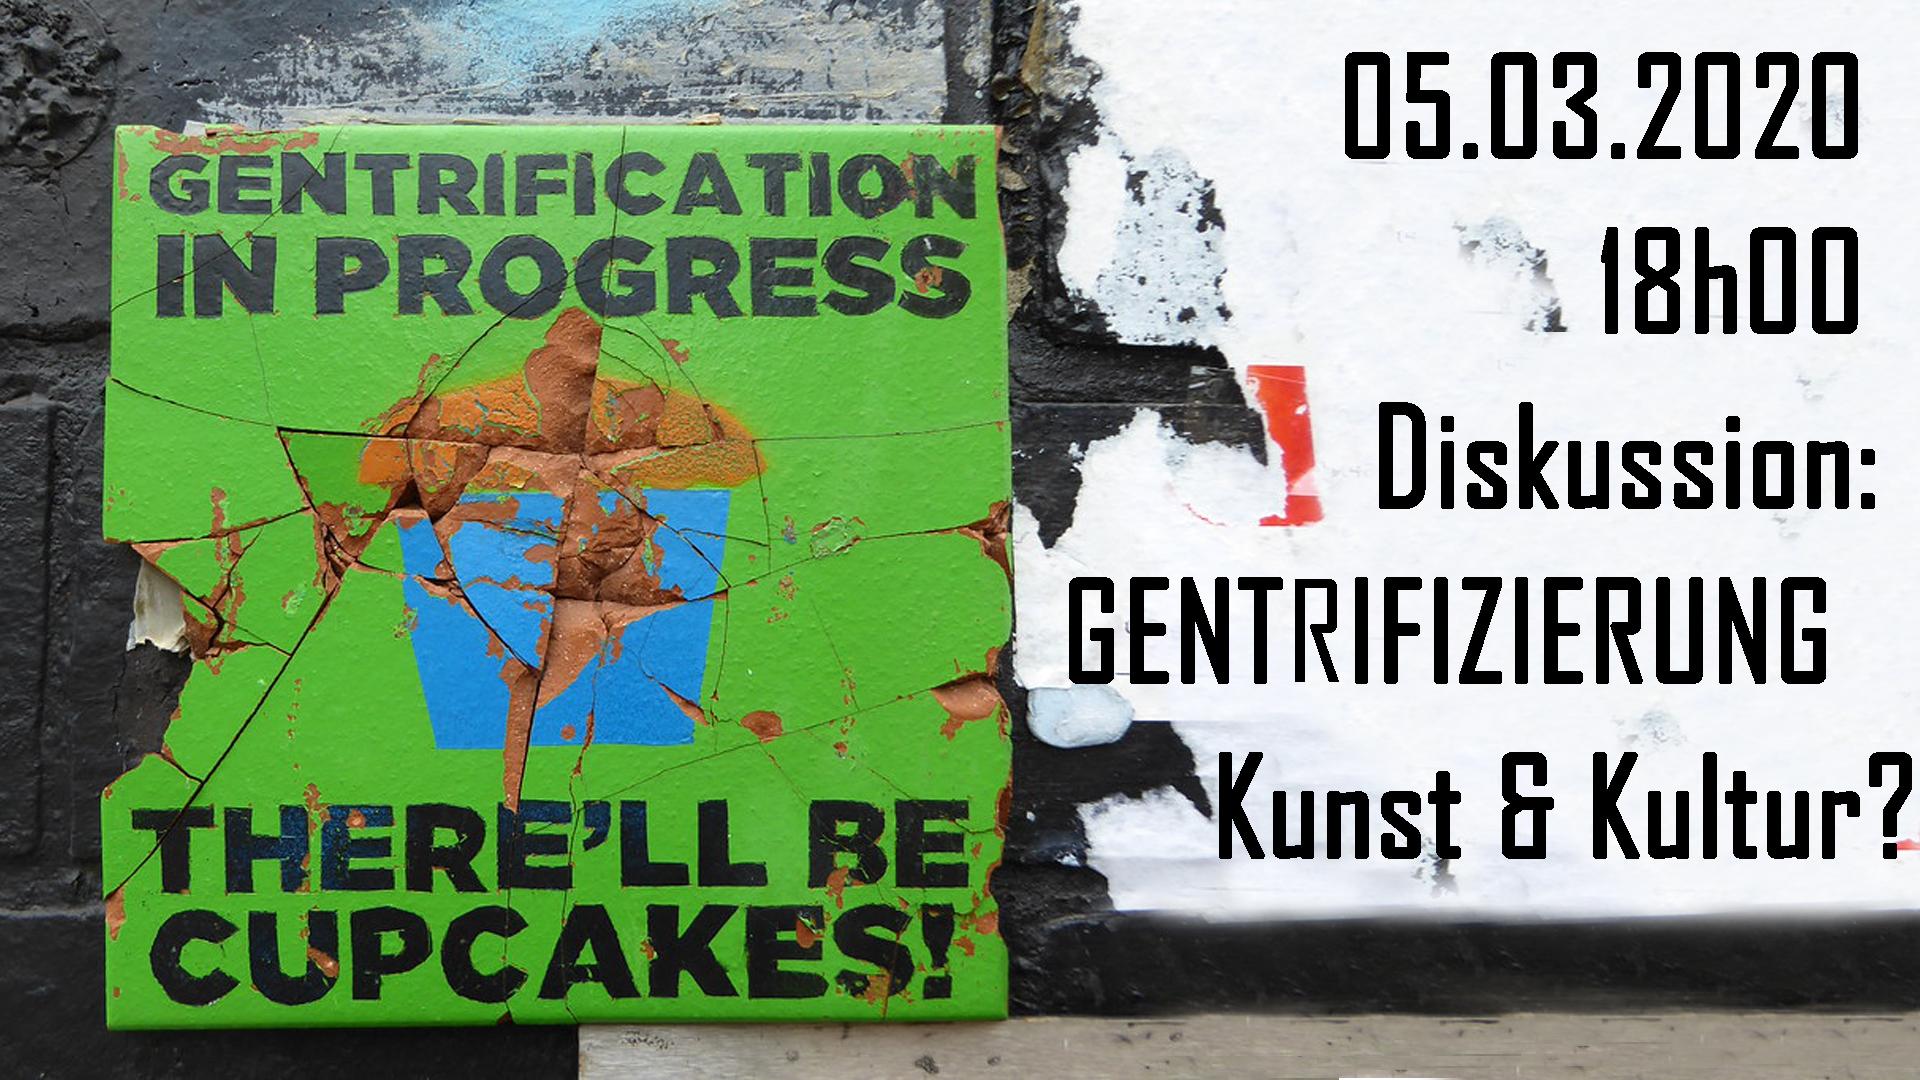 Diskussionsveranstaltung Kunst, Kultur und Gentrifizierung